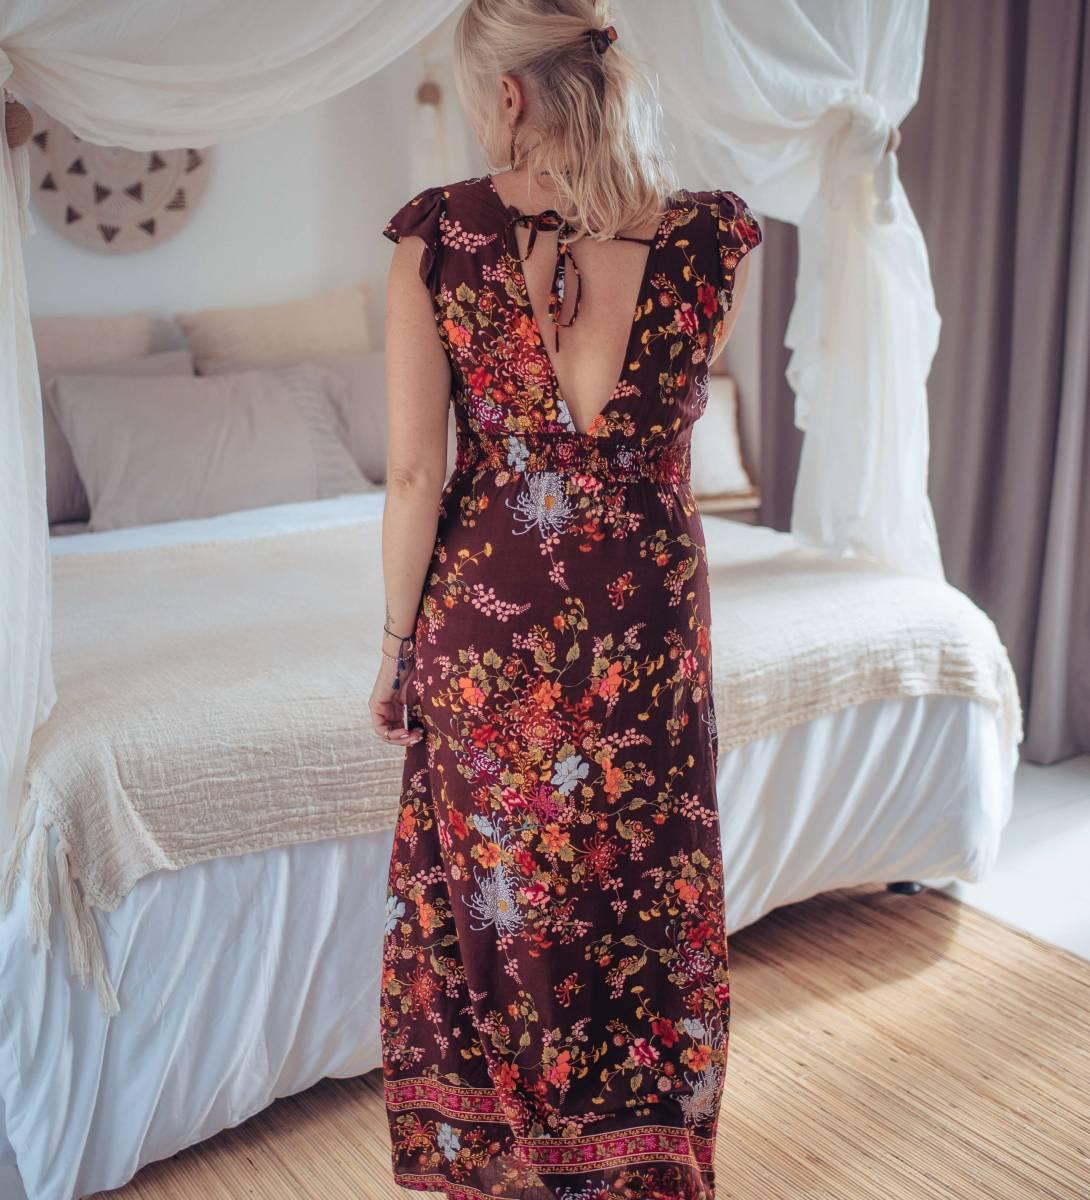 Maxikleid Rückenfrei Braun im Boho Style mit sommerlichen Blumen